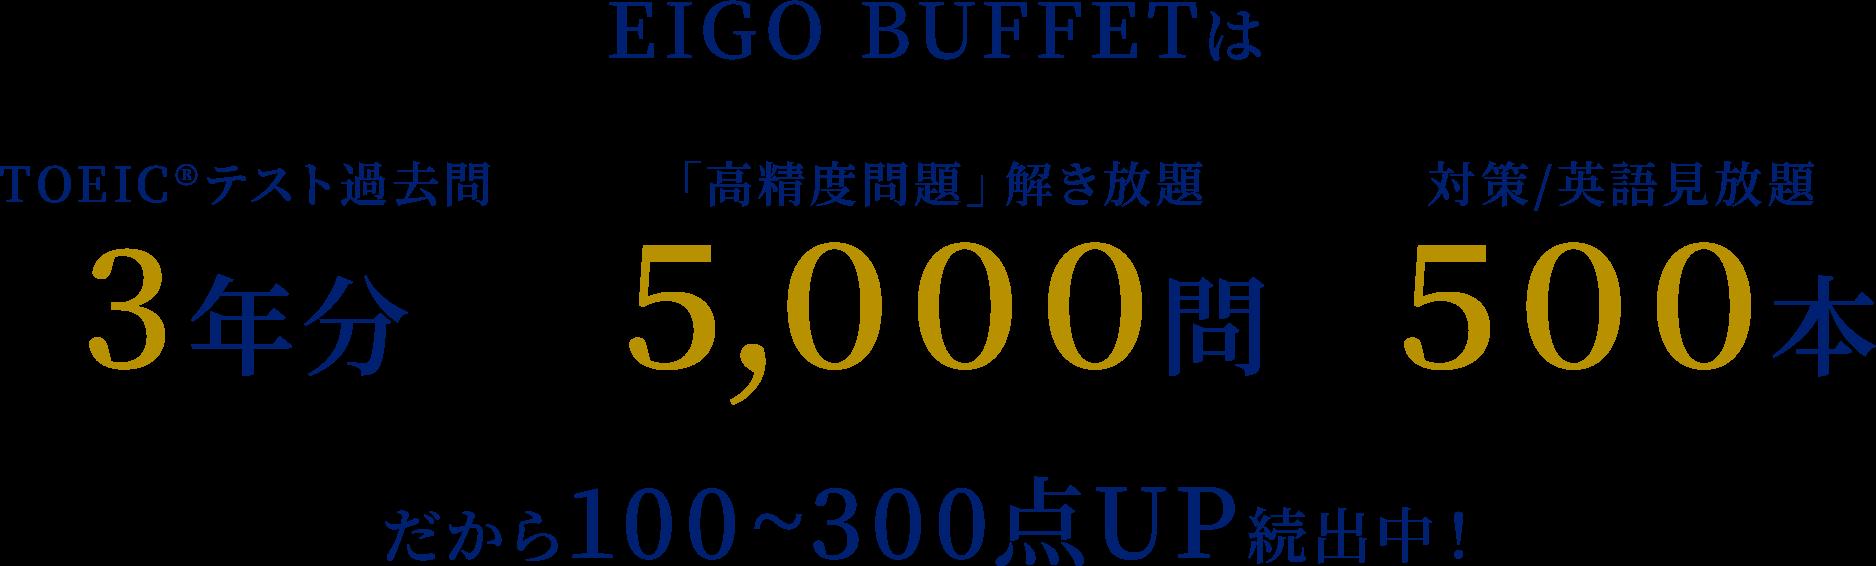 EIGO BUFFETは TOEIC®︎テスト過去問3年分 「高精度問題」解き放題5,000問 対策/英語見放題500本 だから100~300点UP続出中!